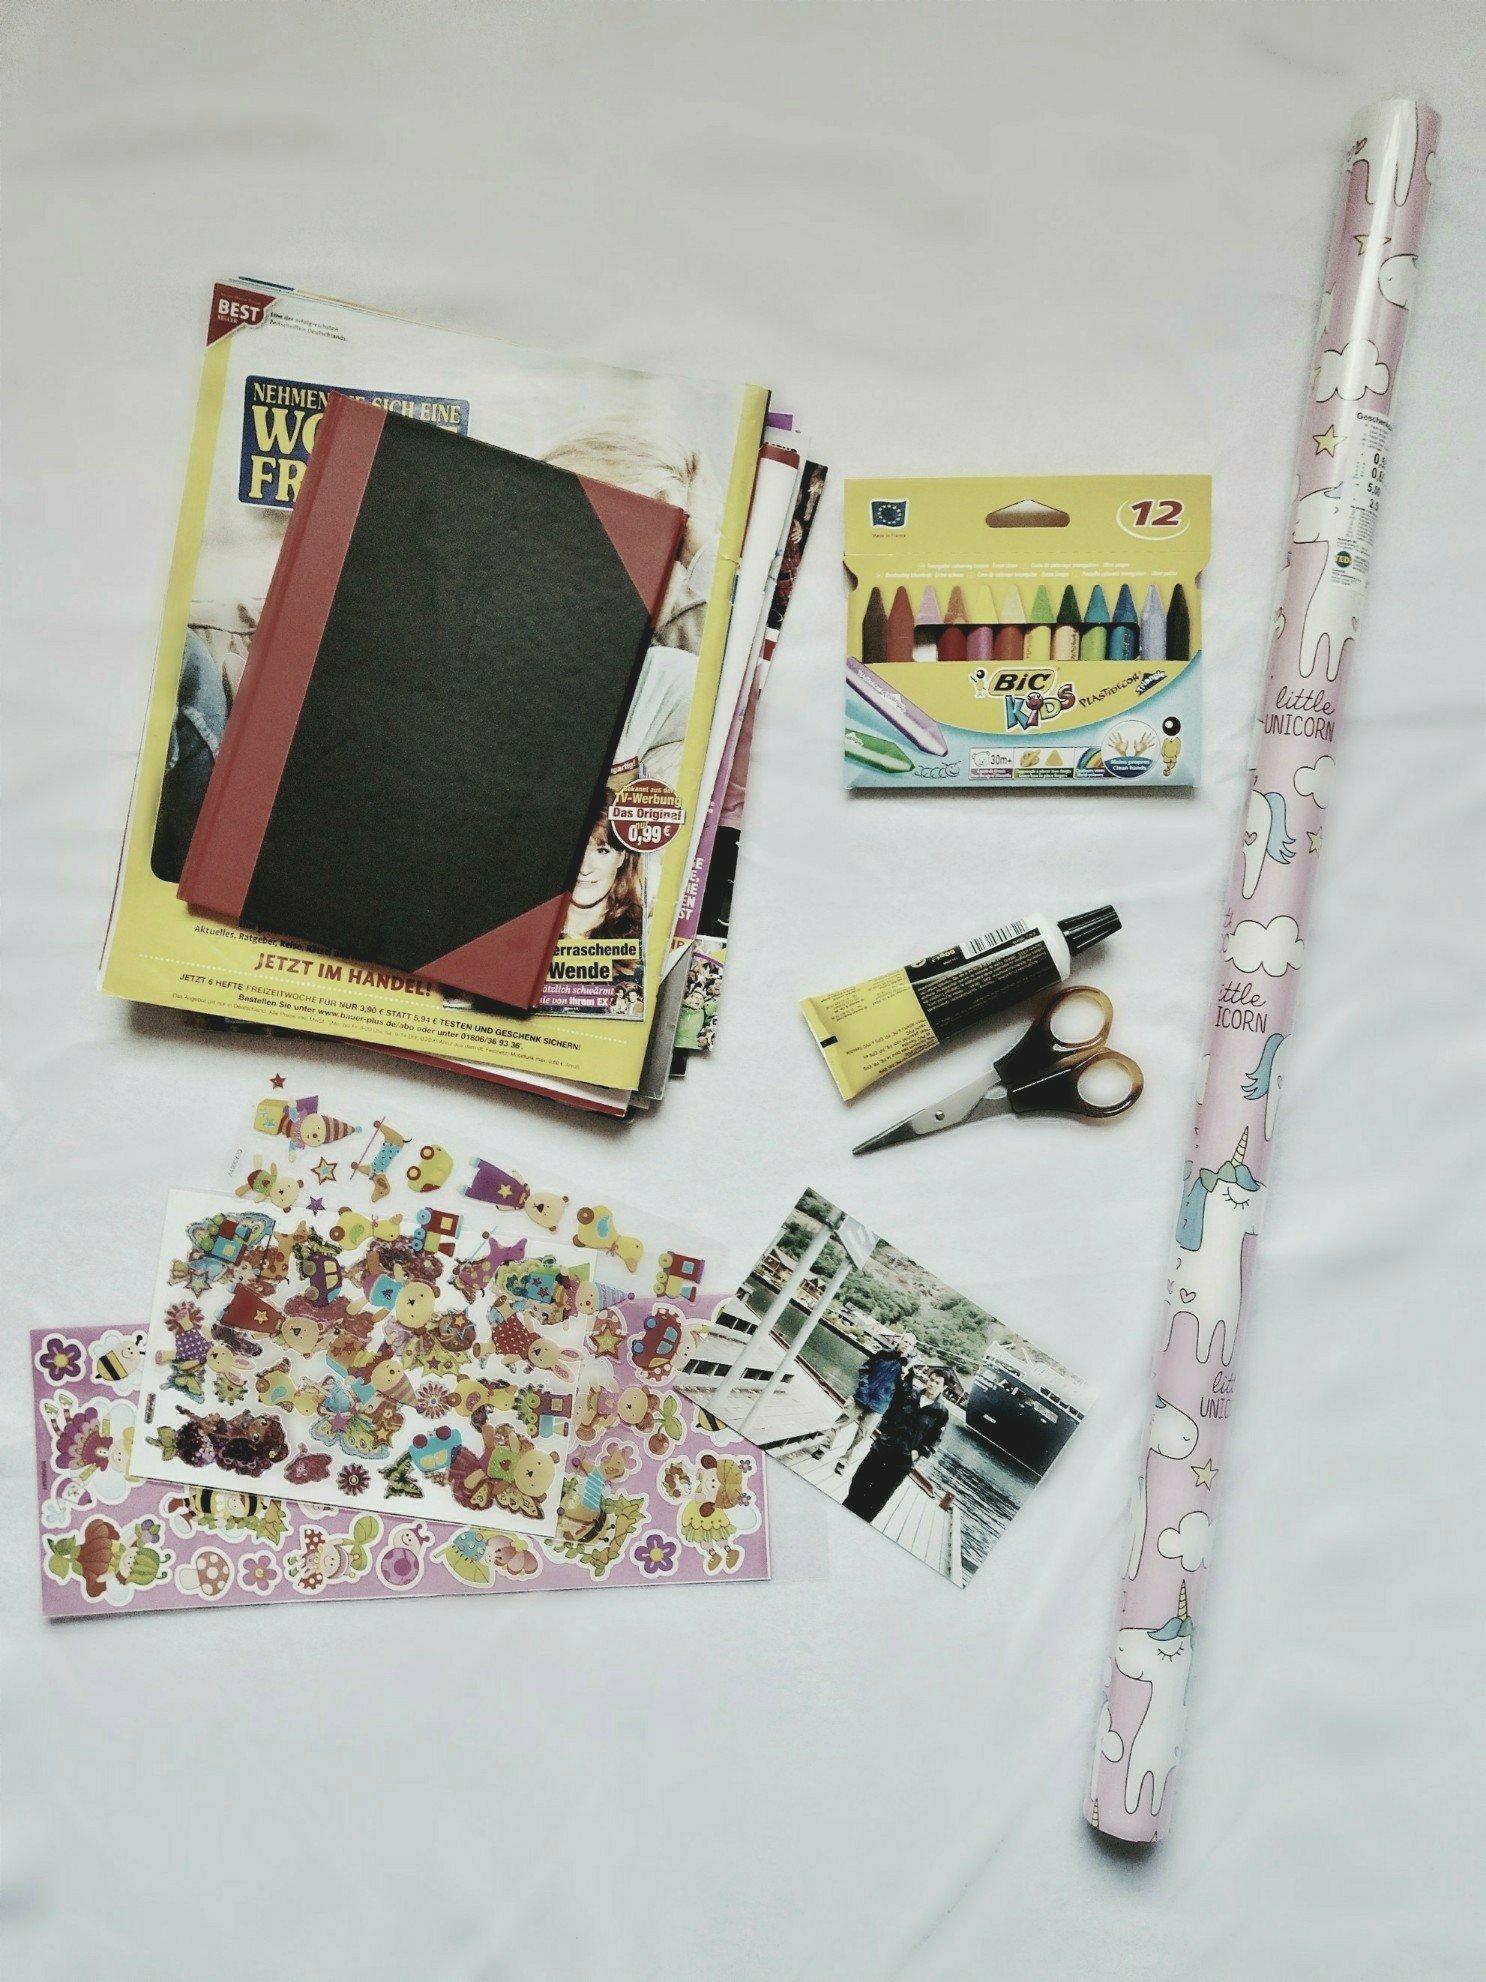 diy idee für kinder und baby's - bilderbuch selber machen